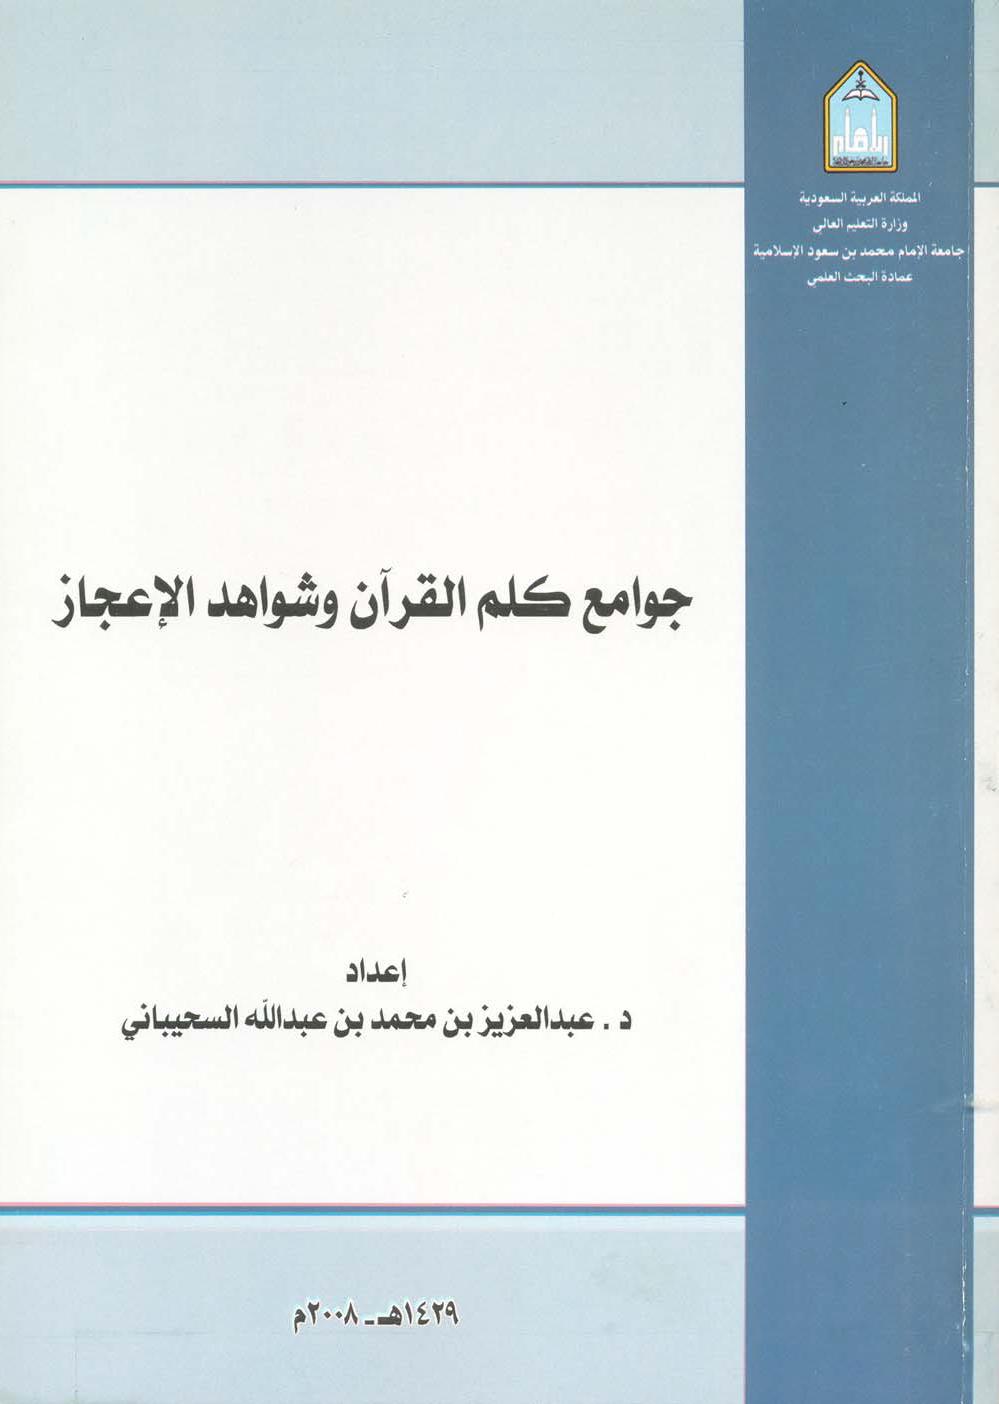 تحميل كتاب جوامع كلم القرآن وشواهد الإعجاز لـِ: الدكتور عبد العزيز بن محمد بن عبد الله السحيباني